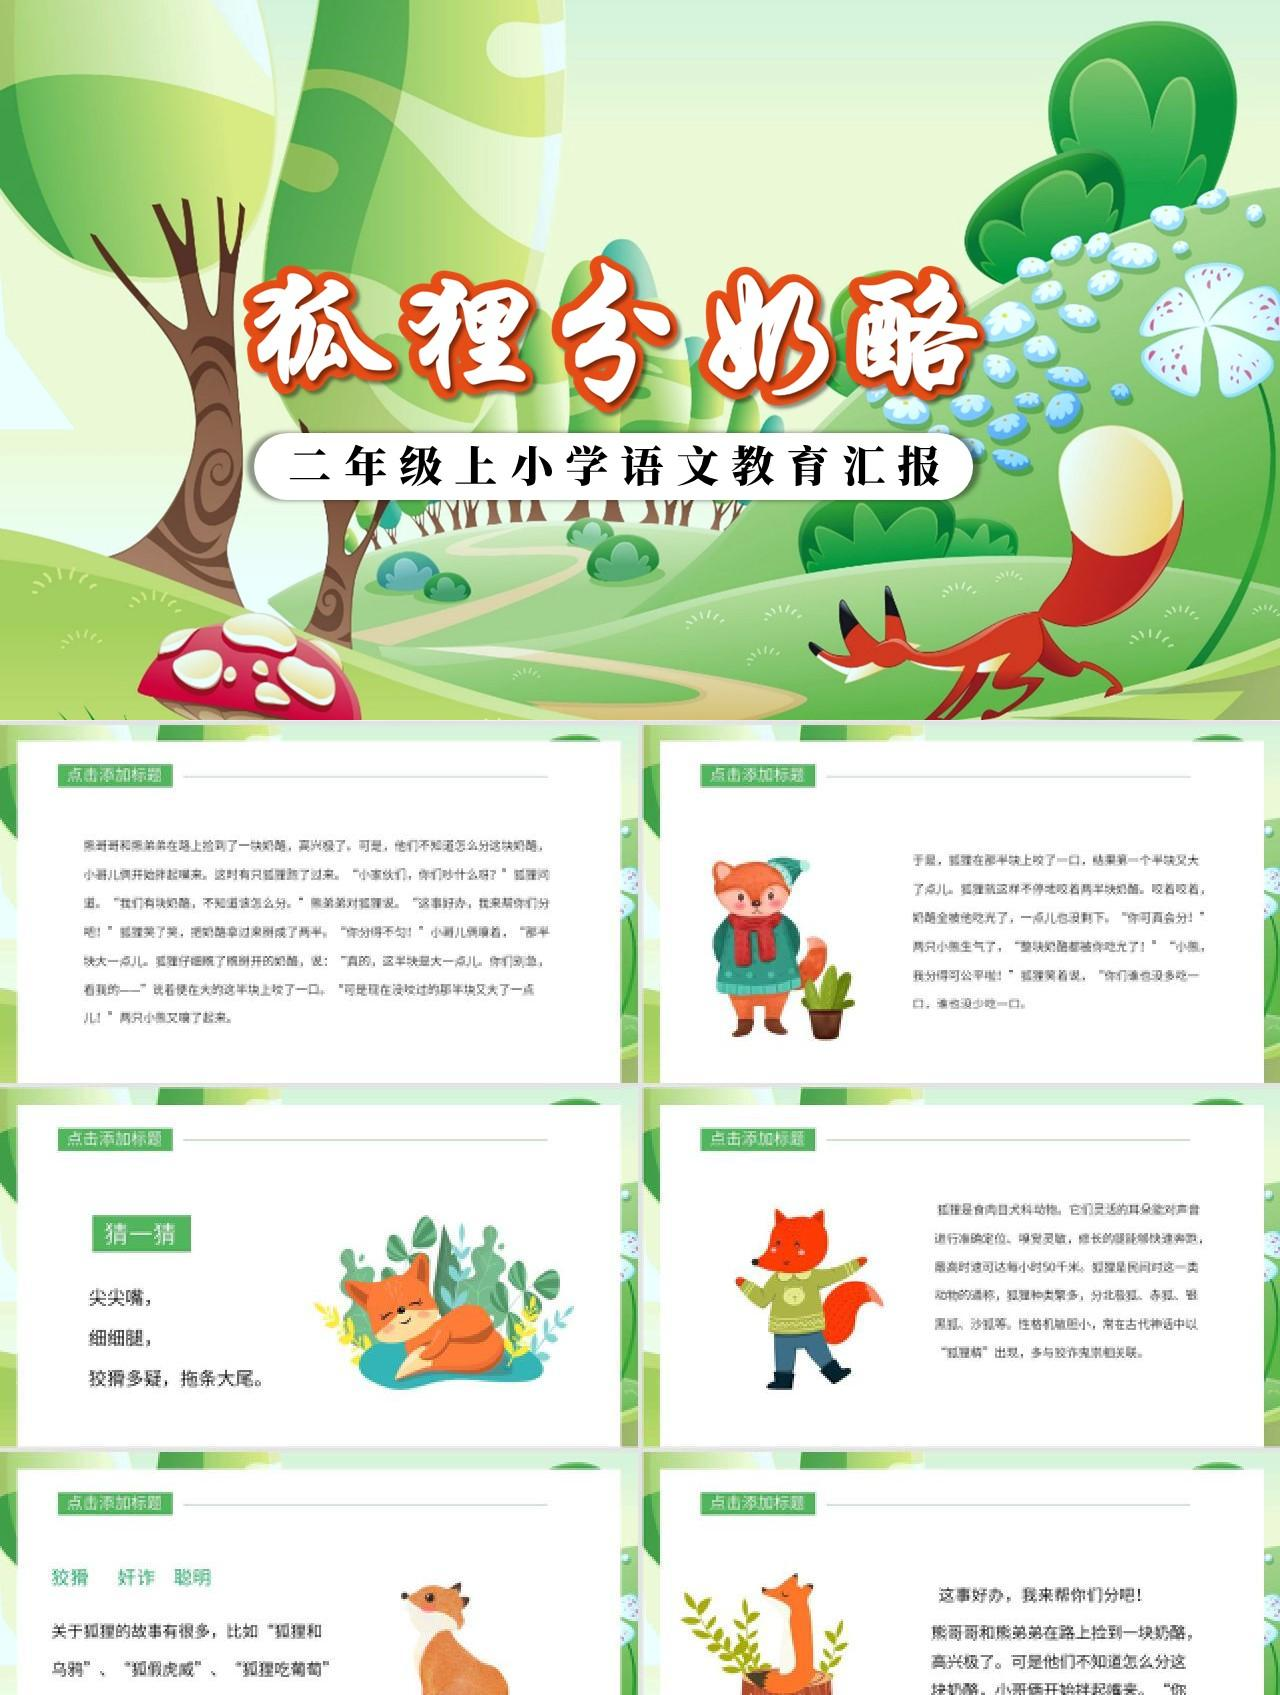 绿色卡通风二年级语文上册狐狸分奶酪课件PPT模板